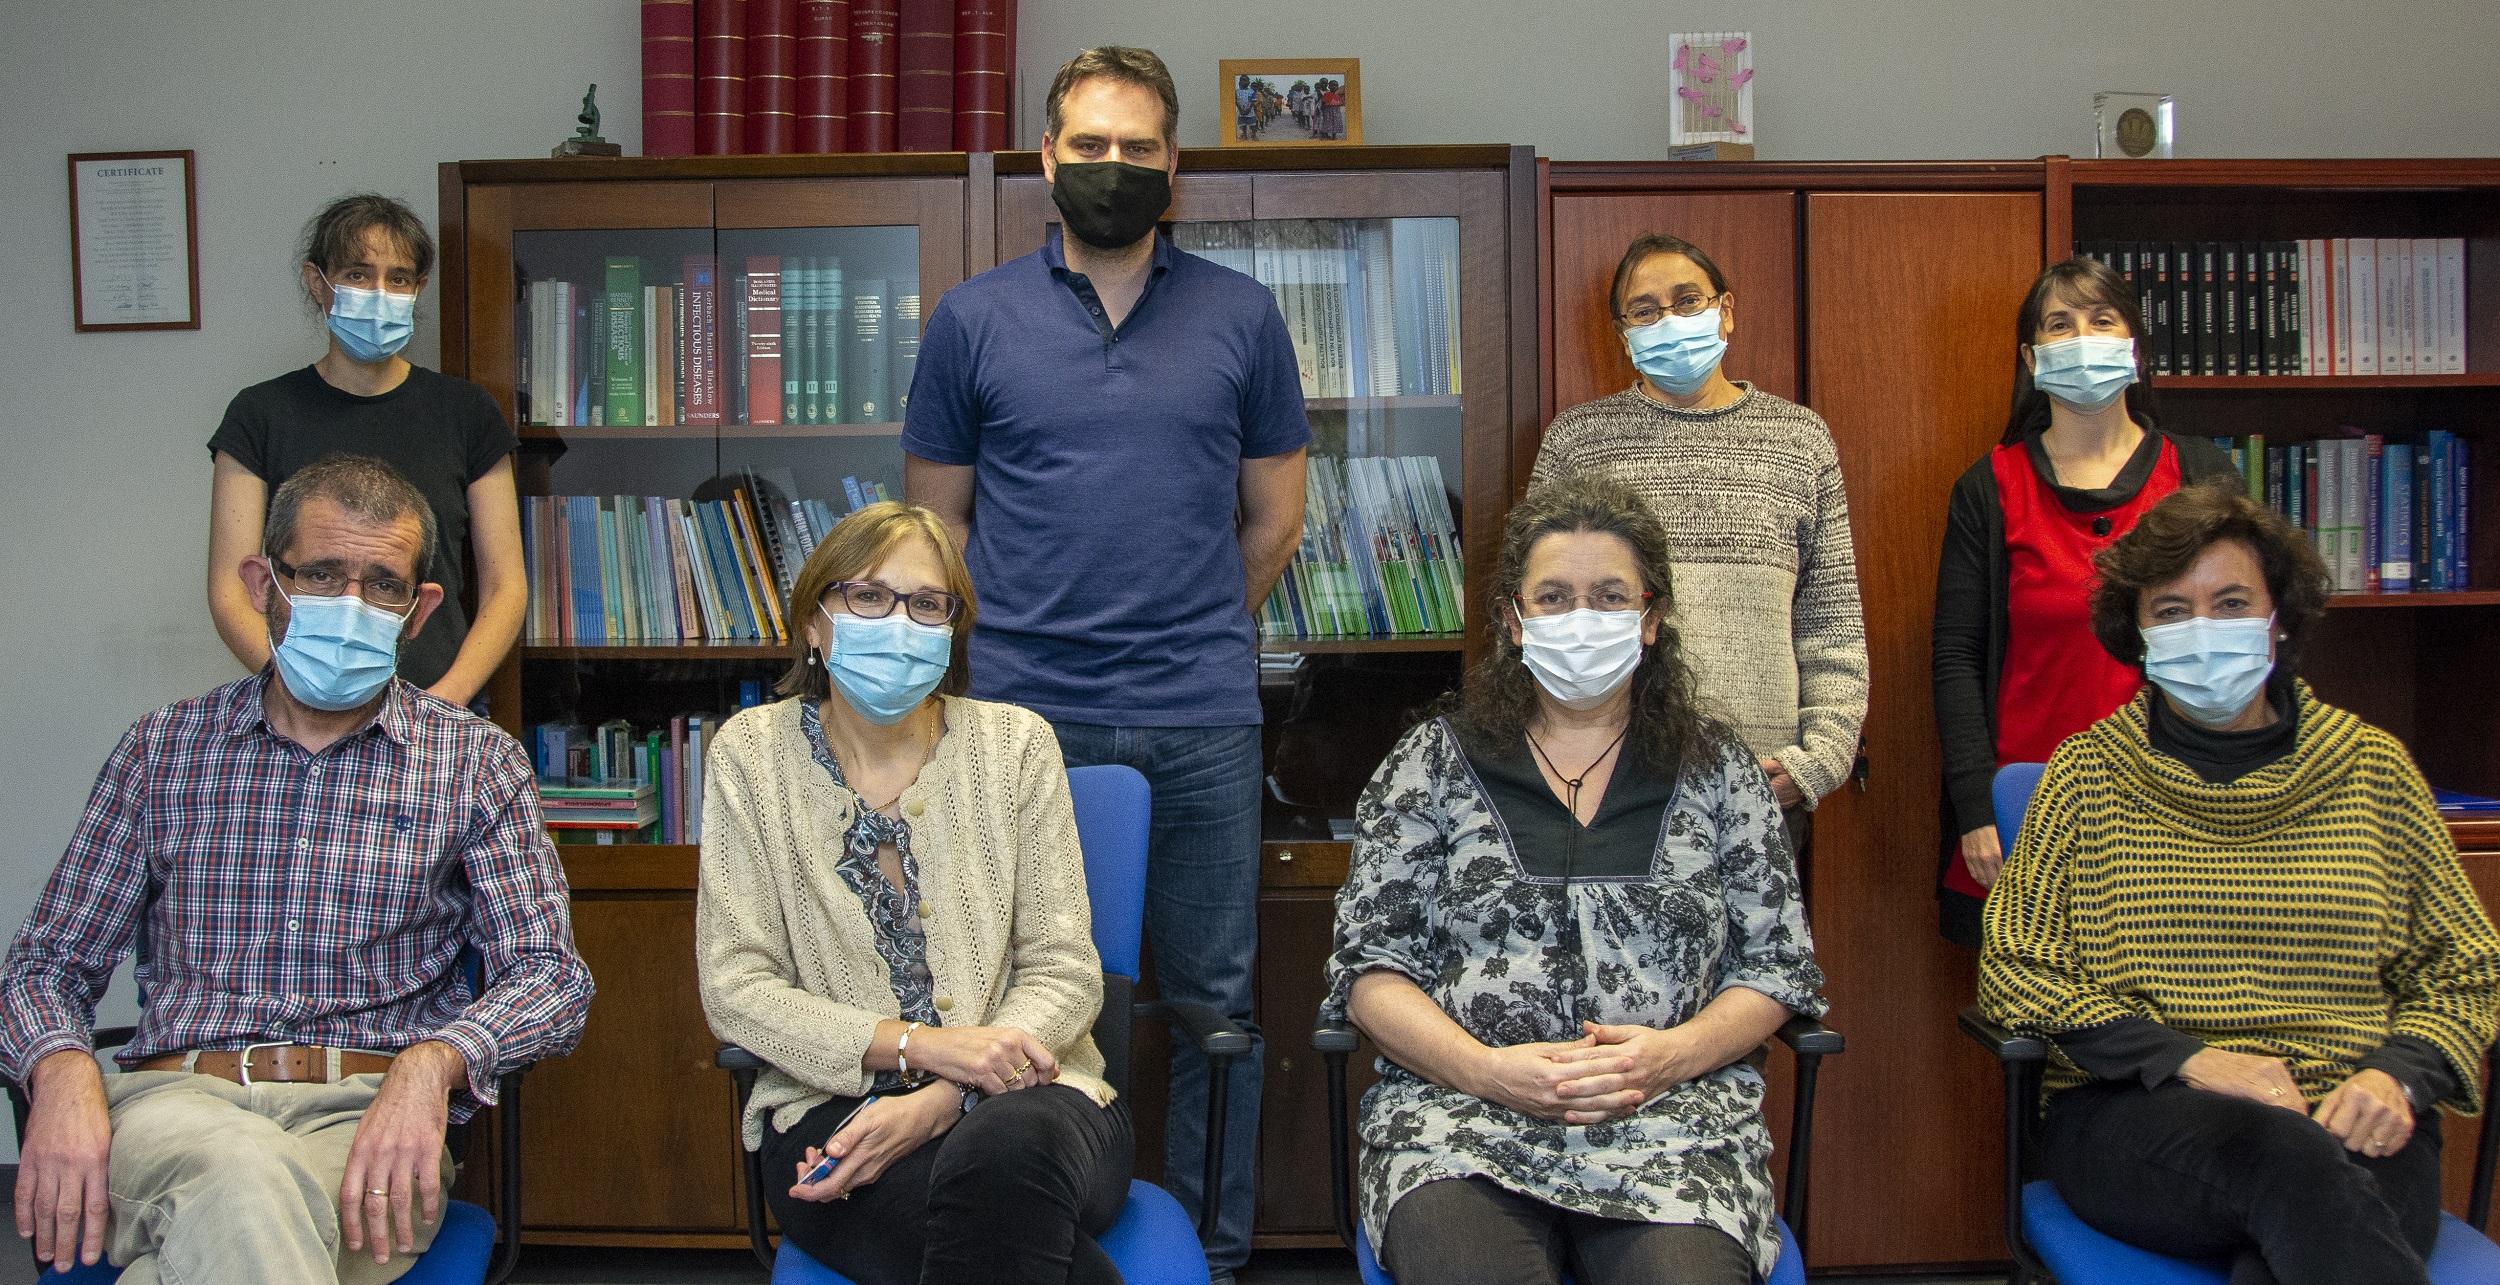 Una investigación del ISCIII estima la letalidad de la infección por coronavirus en España entre un 0.8% y un 1.1%